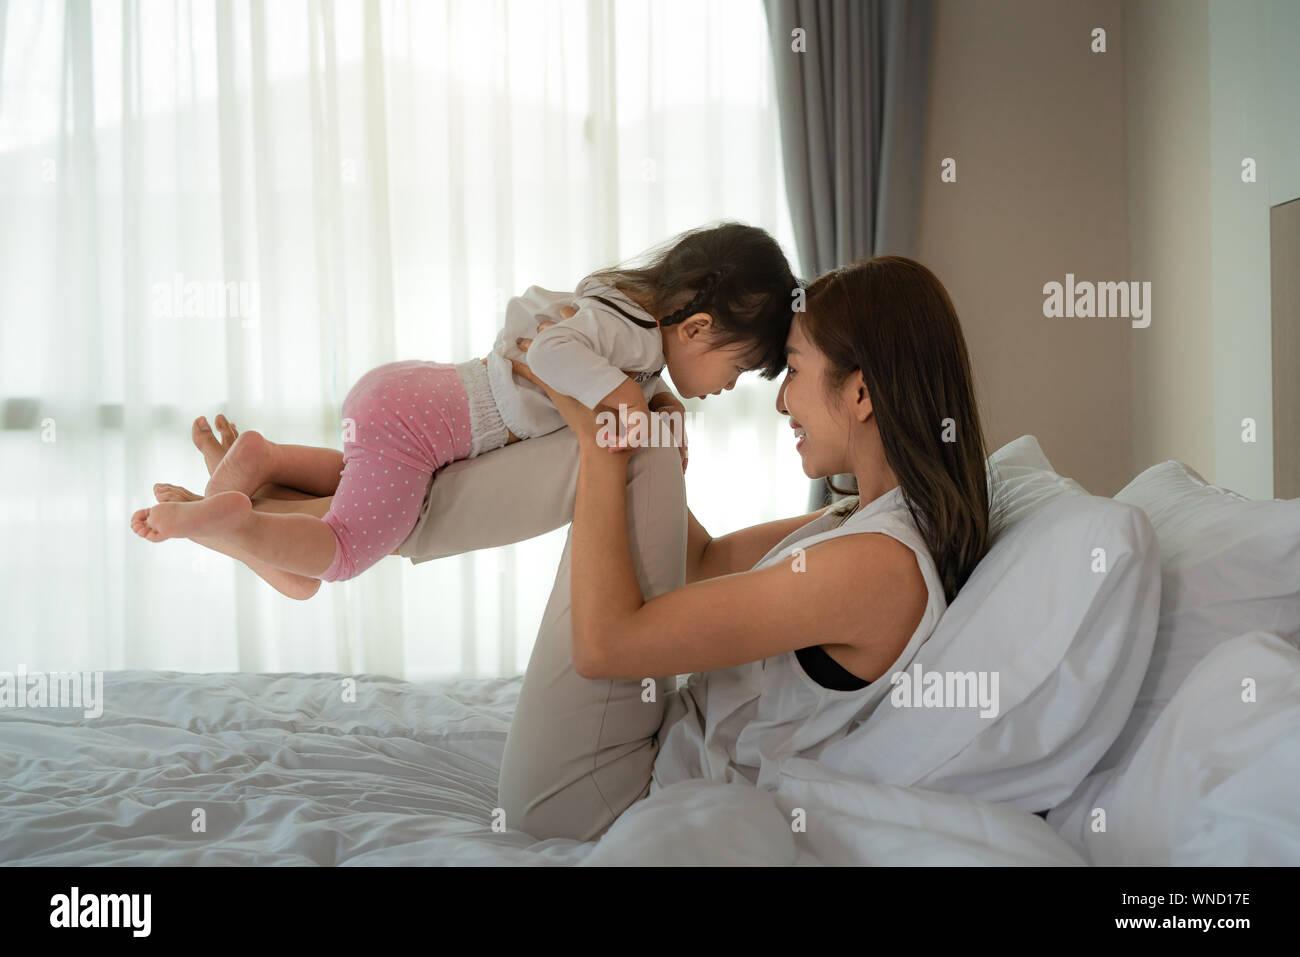 Portrait of happy laughing baby hugging avec cheerful young smiling mother, scène de pur amour et bonheur. Famille, de la maternité et de style de concept Banque D'Images